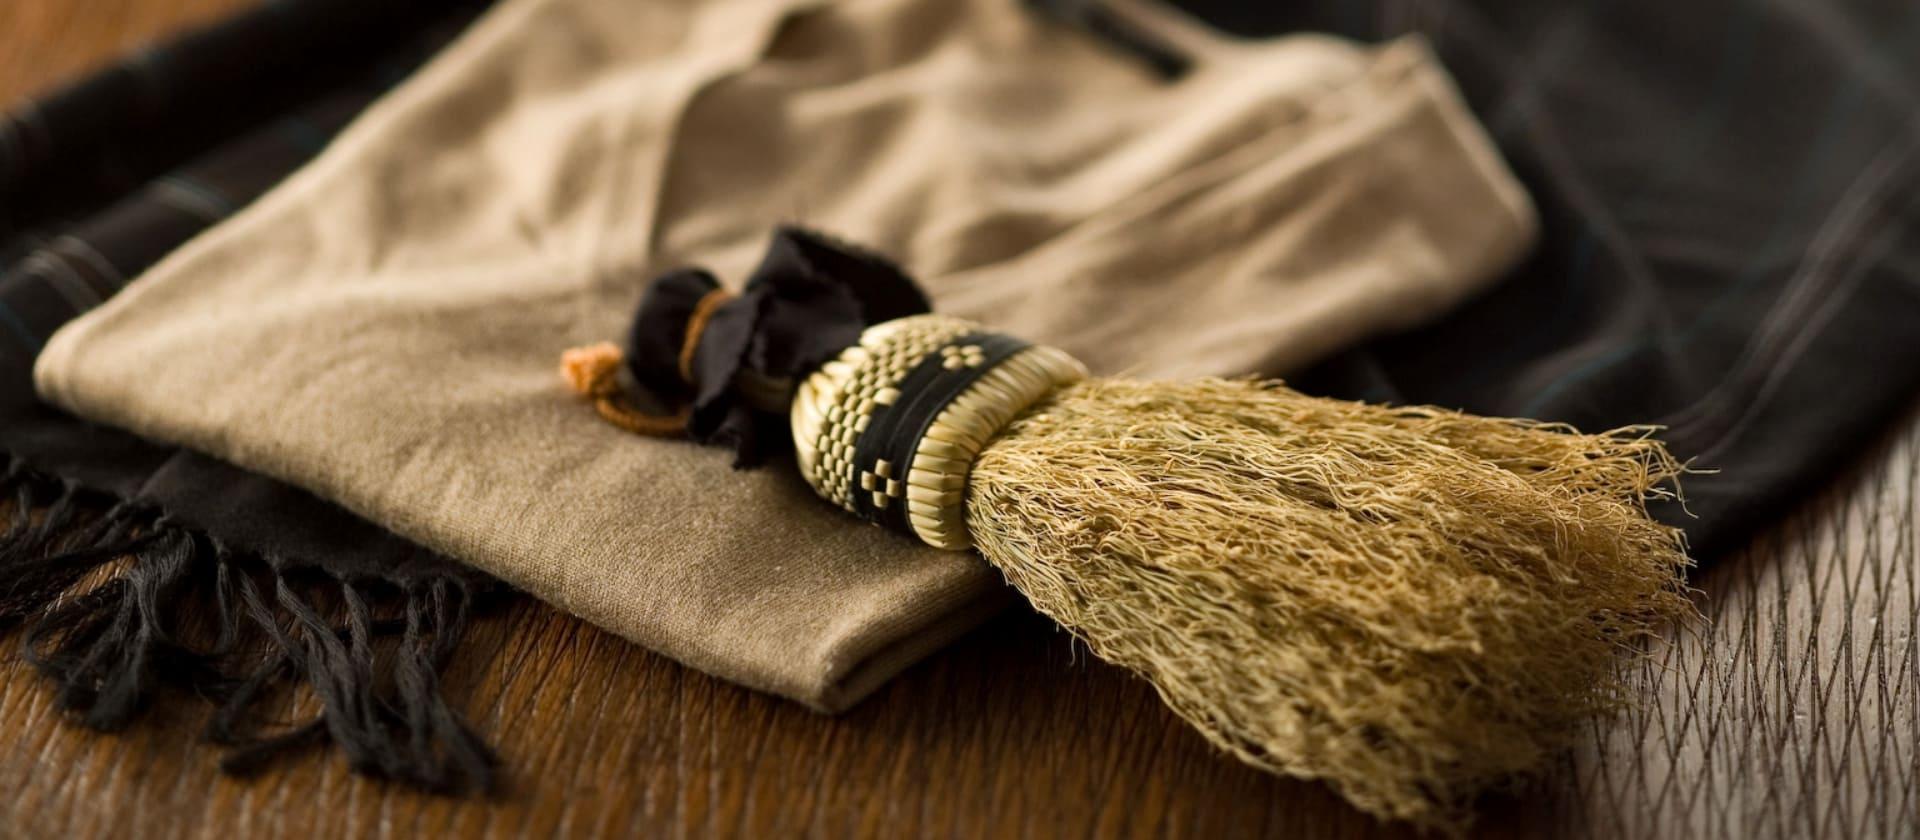 高倉工芸の人気商品、セーターやジャケットの生地を滑らかにしてくれる和洋服箒のご紹介。